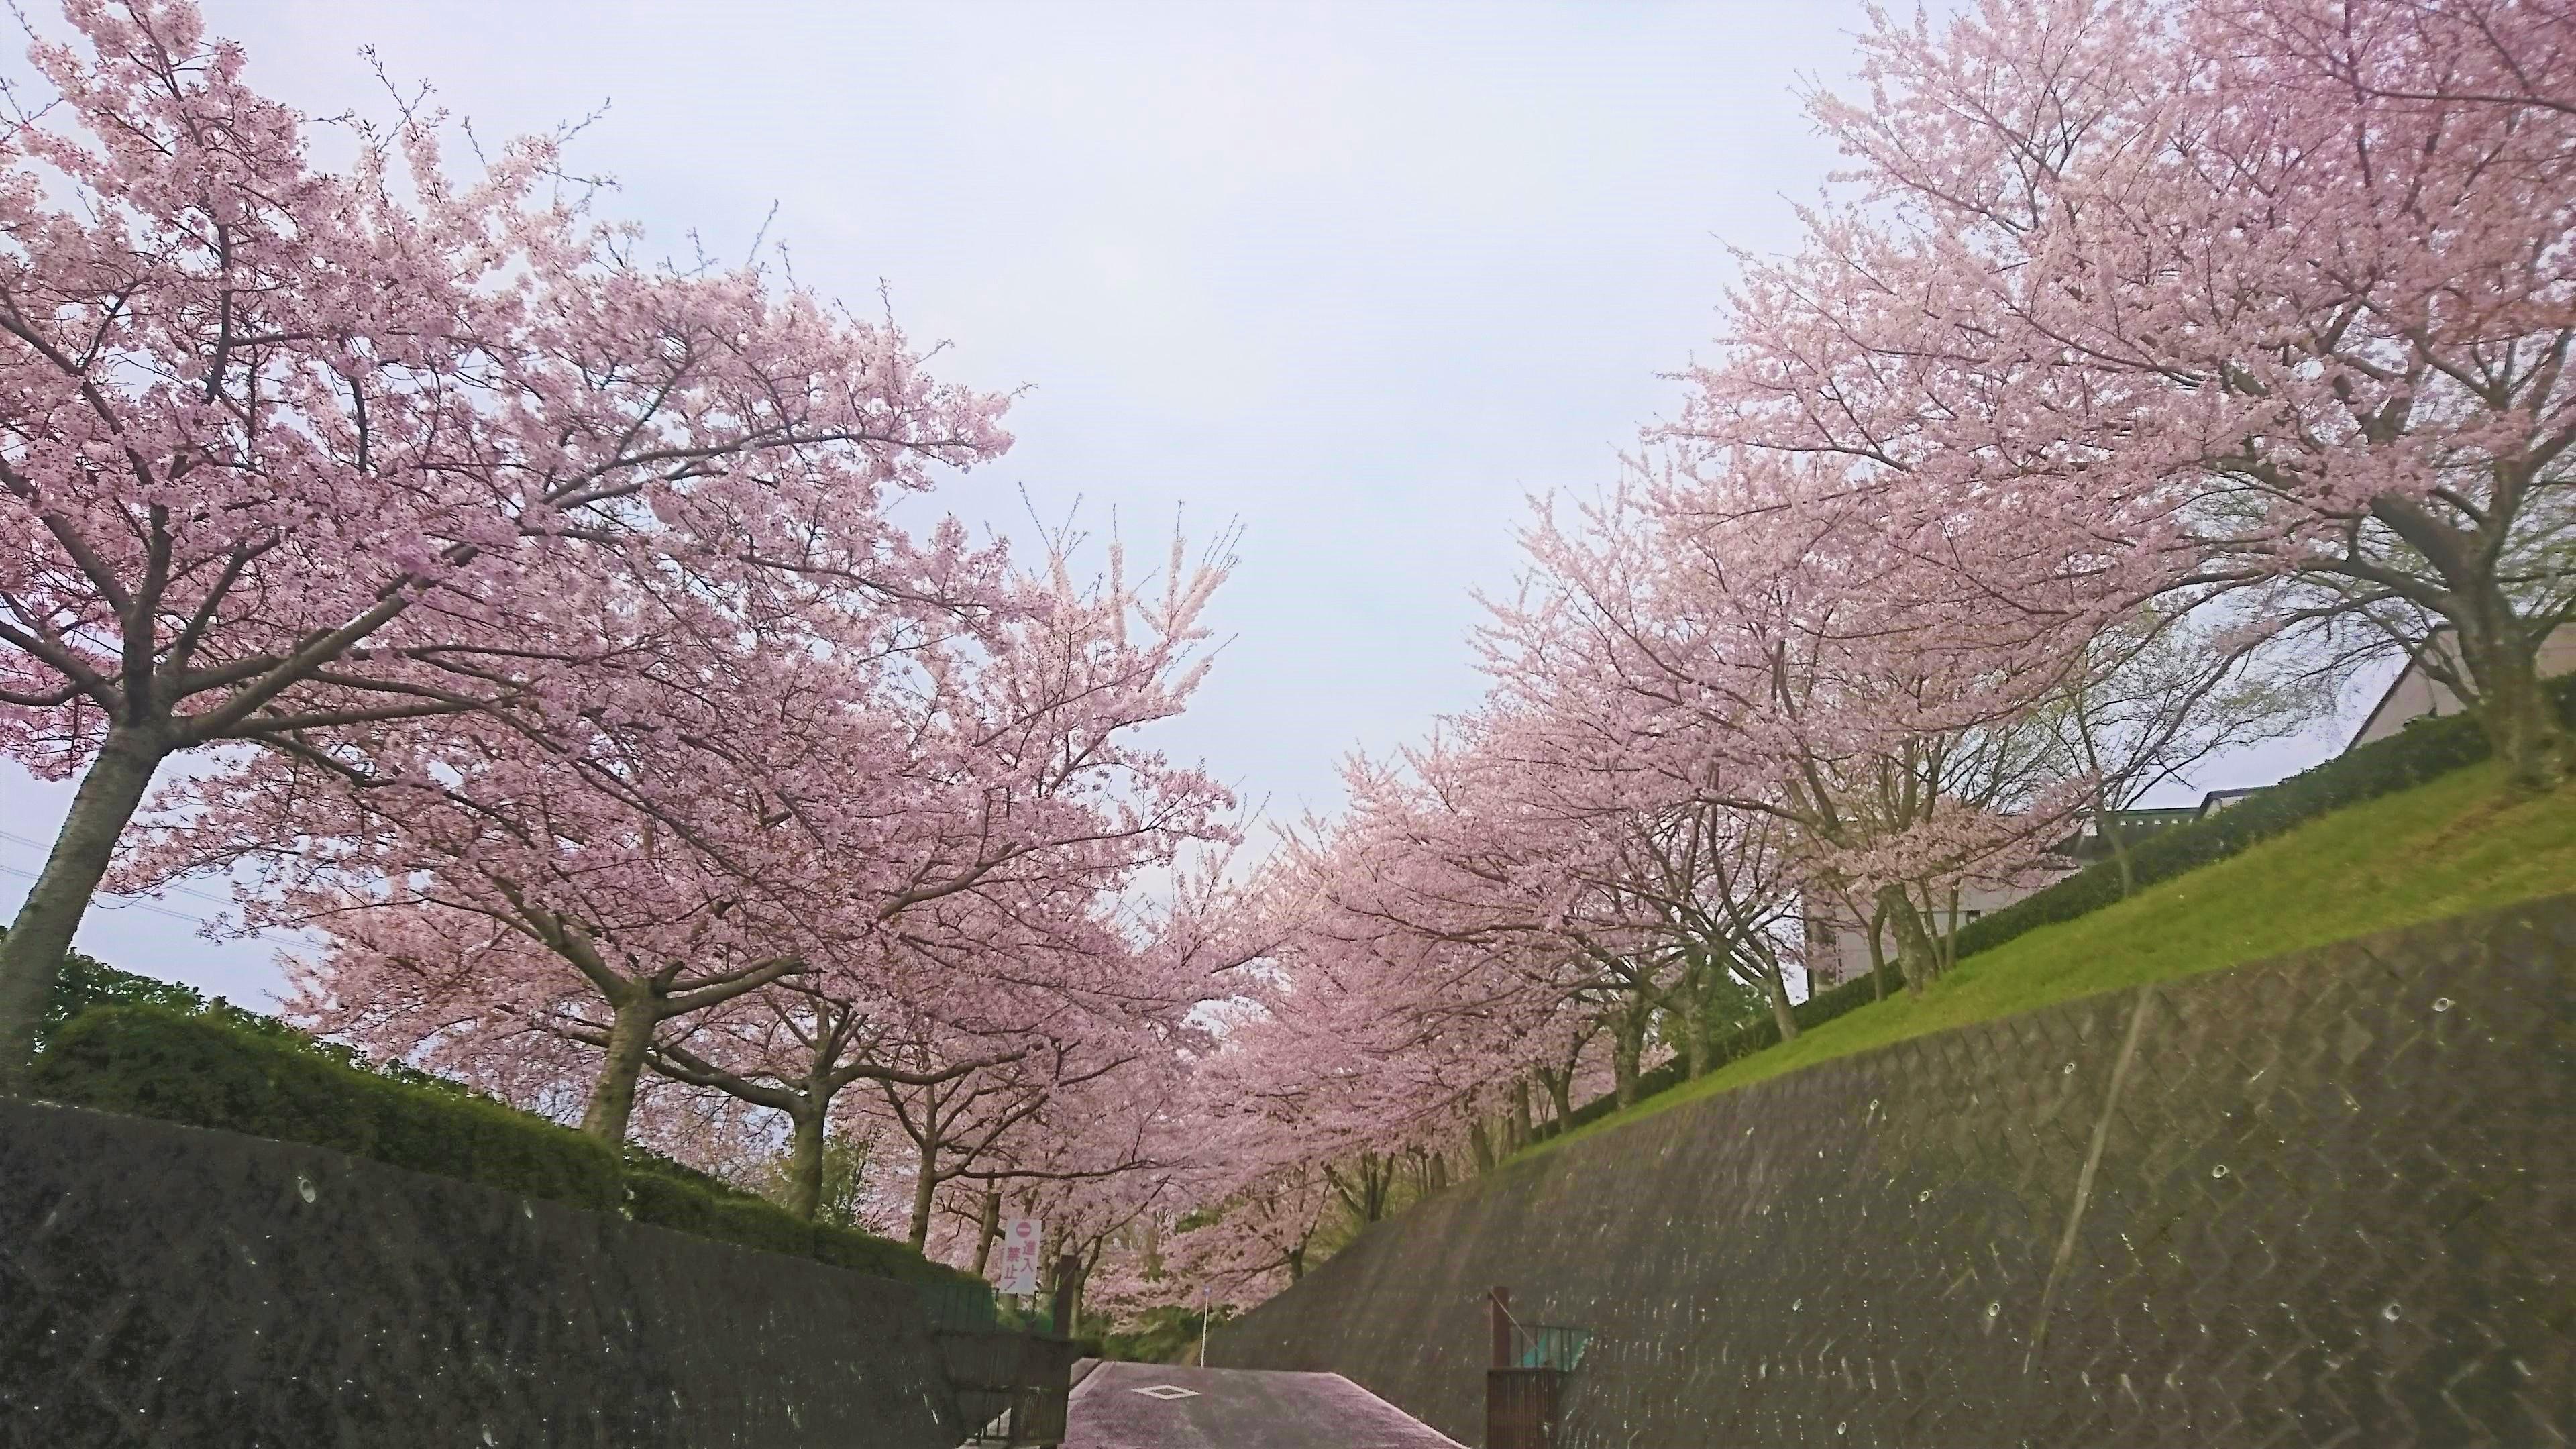 大阪柏原聖地霊園 桜情報 4月14日